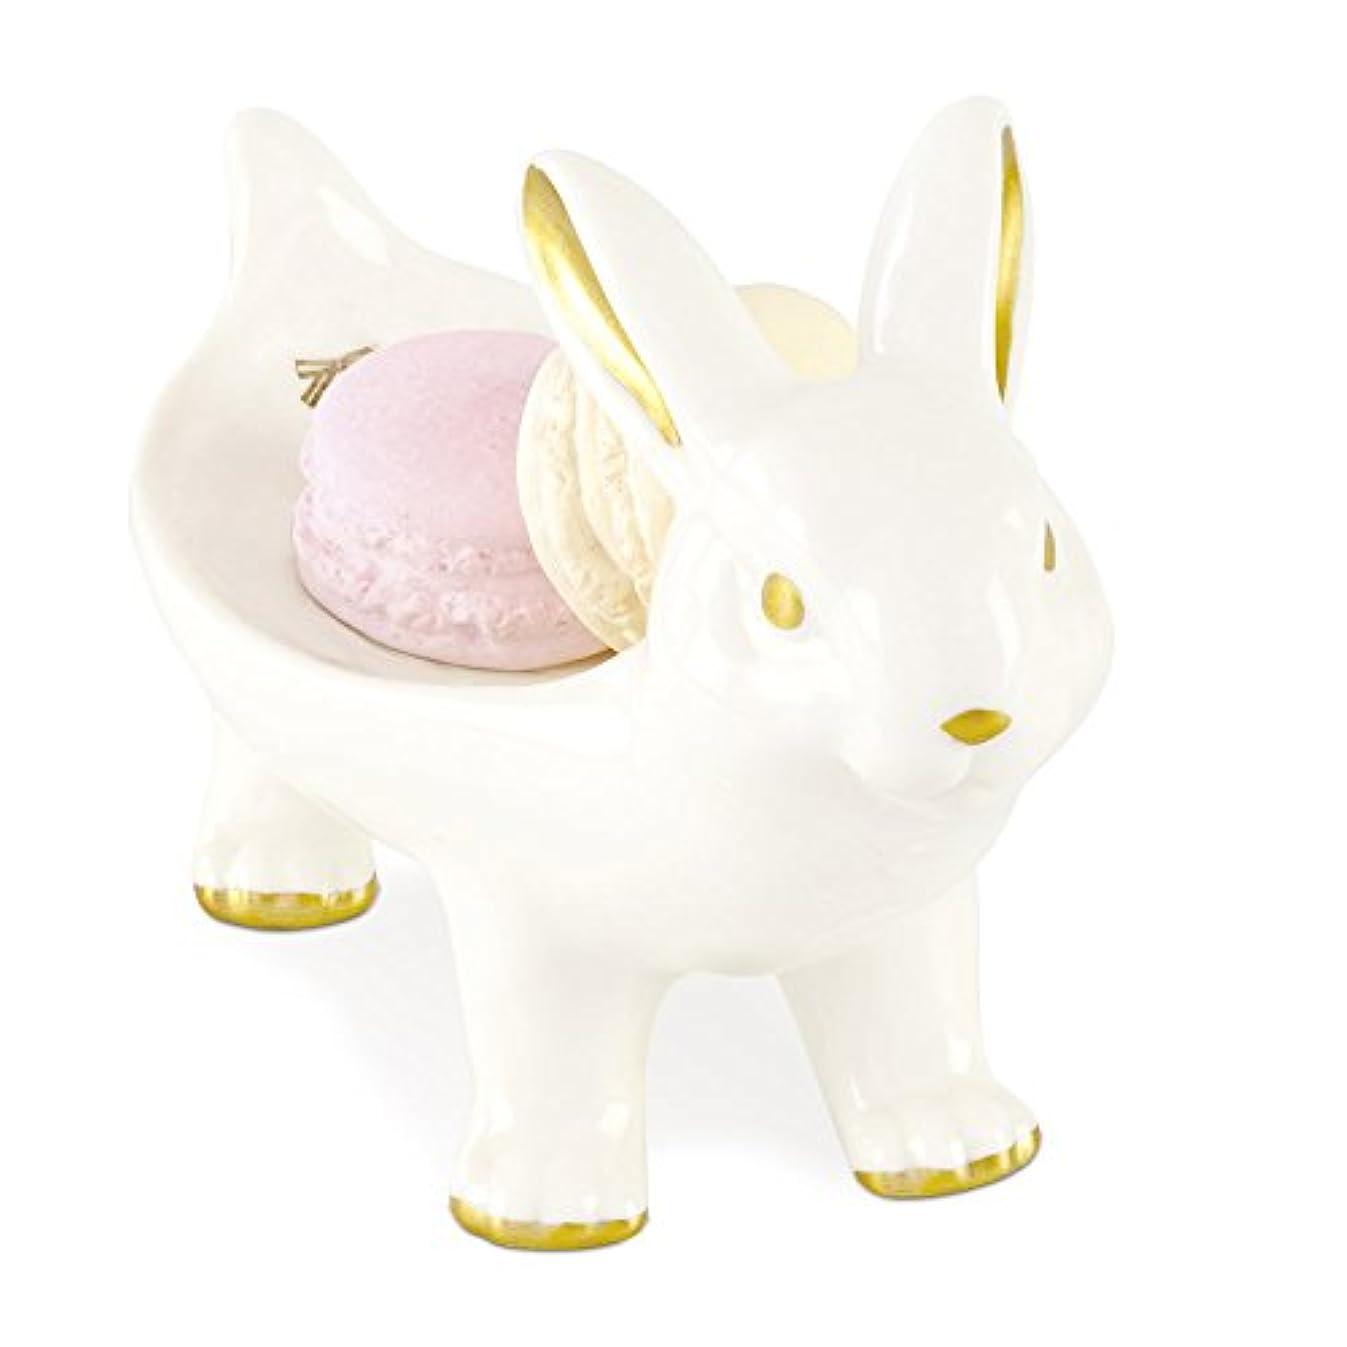 パイントハチポスト印象派キャリングアニマル アロマストーン&アニマルトレイ Rabbit KH-60960